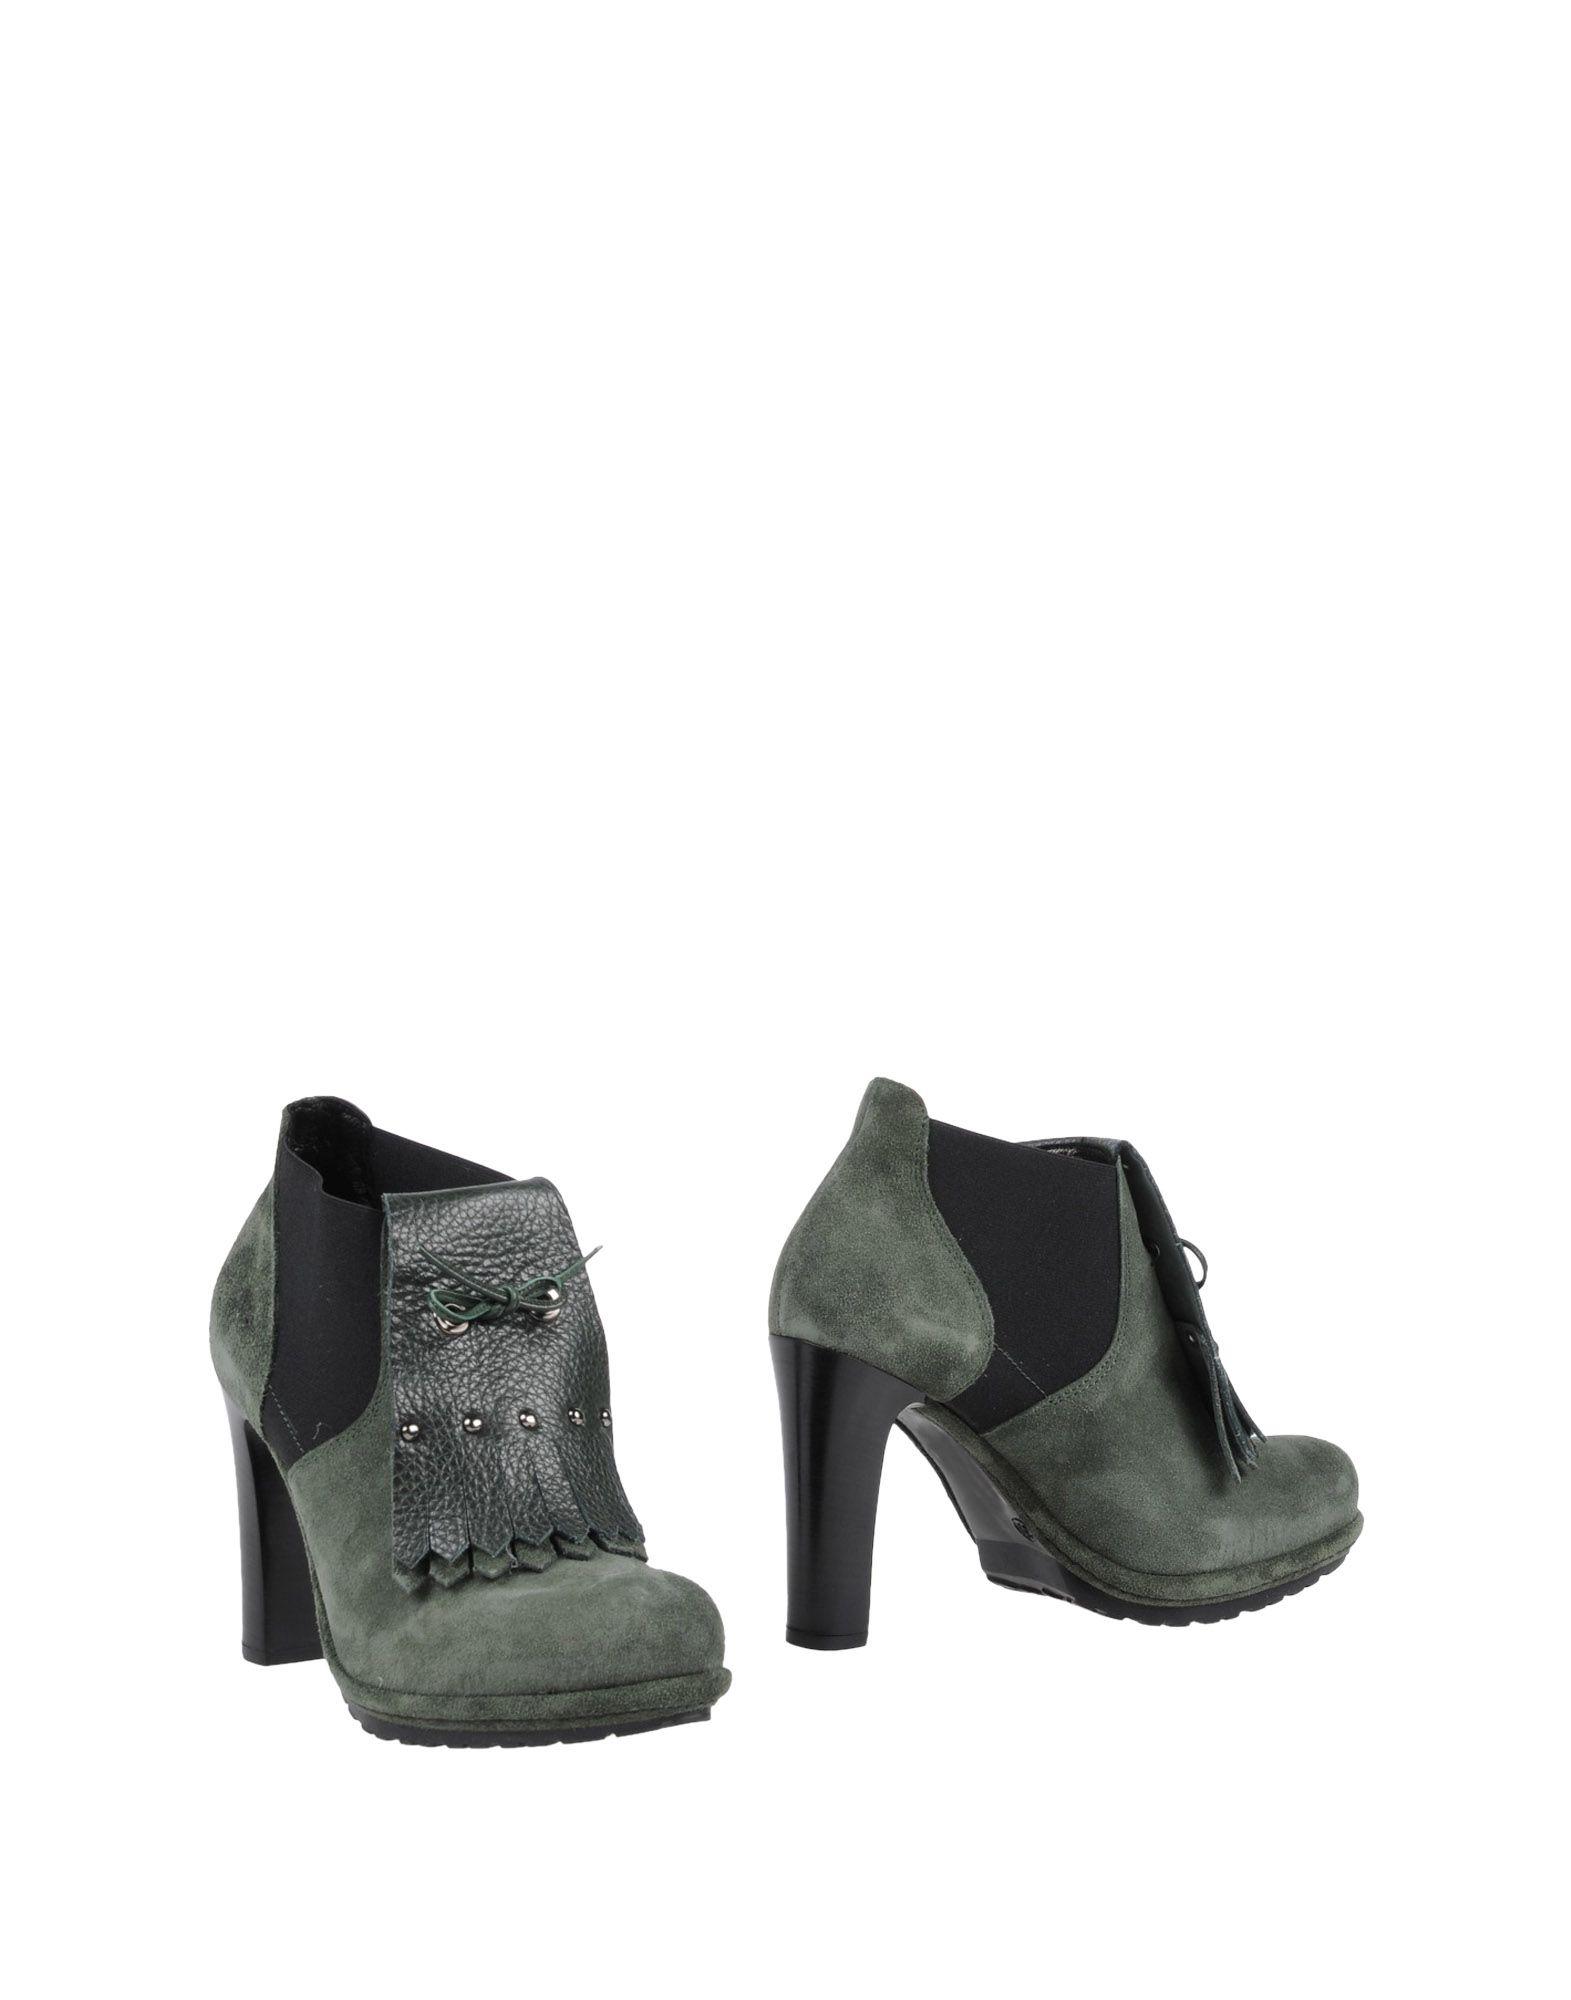 Emanuela Passeri Stiefelette Damen  11444755QB Gute Qualität beliebte Schuhe